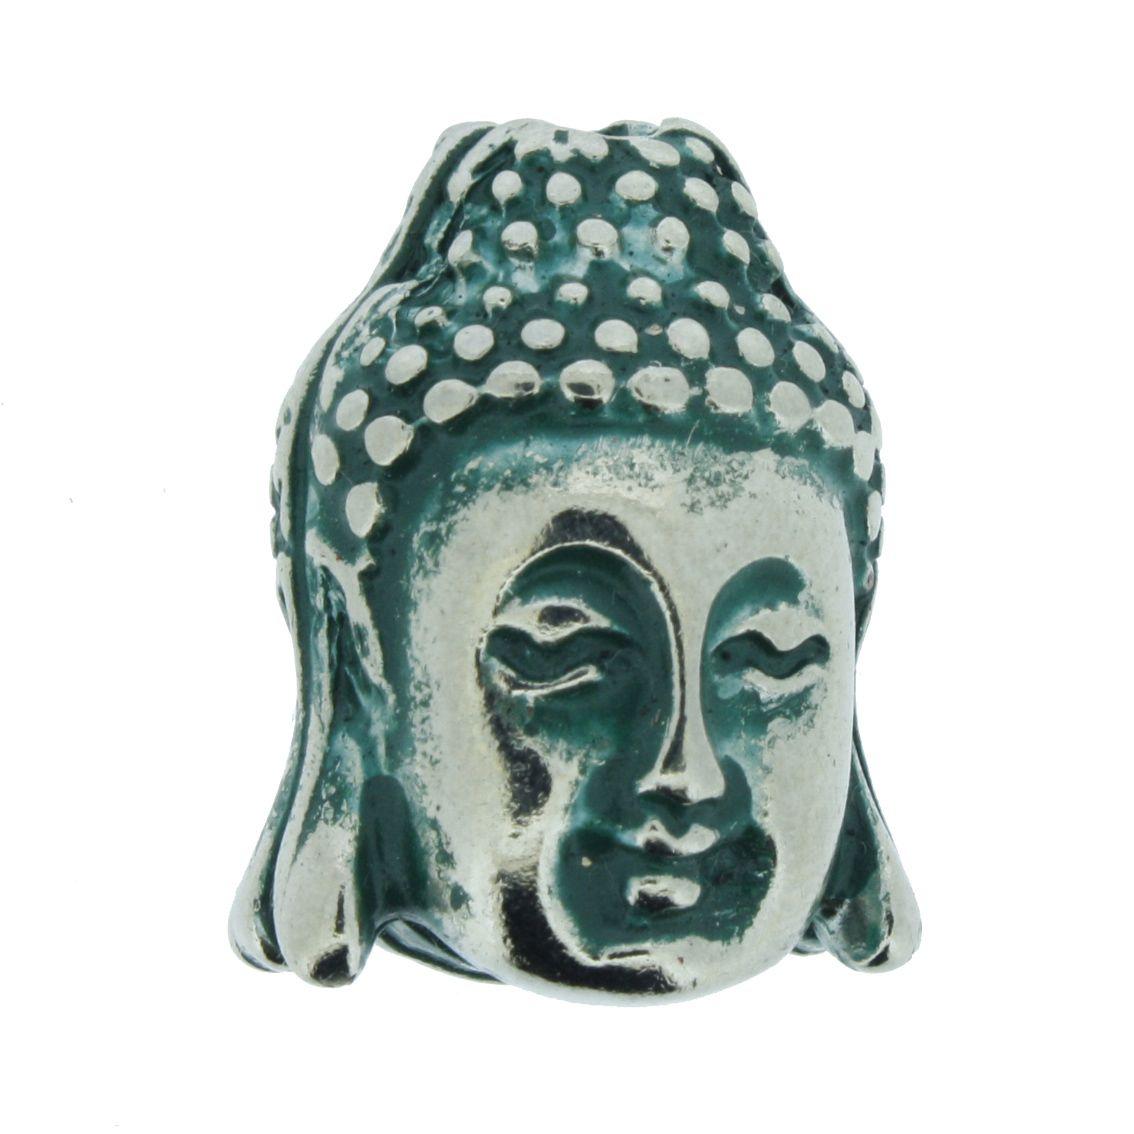 Buda - Verde Níquel - 23mm  - Universo Religioso® - Artigos de Umbanda e Candomblé